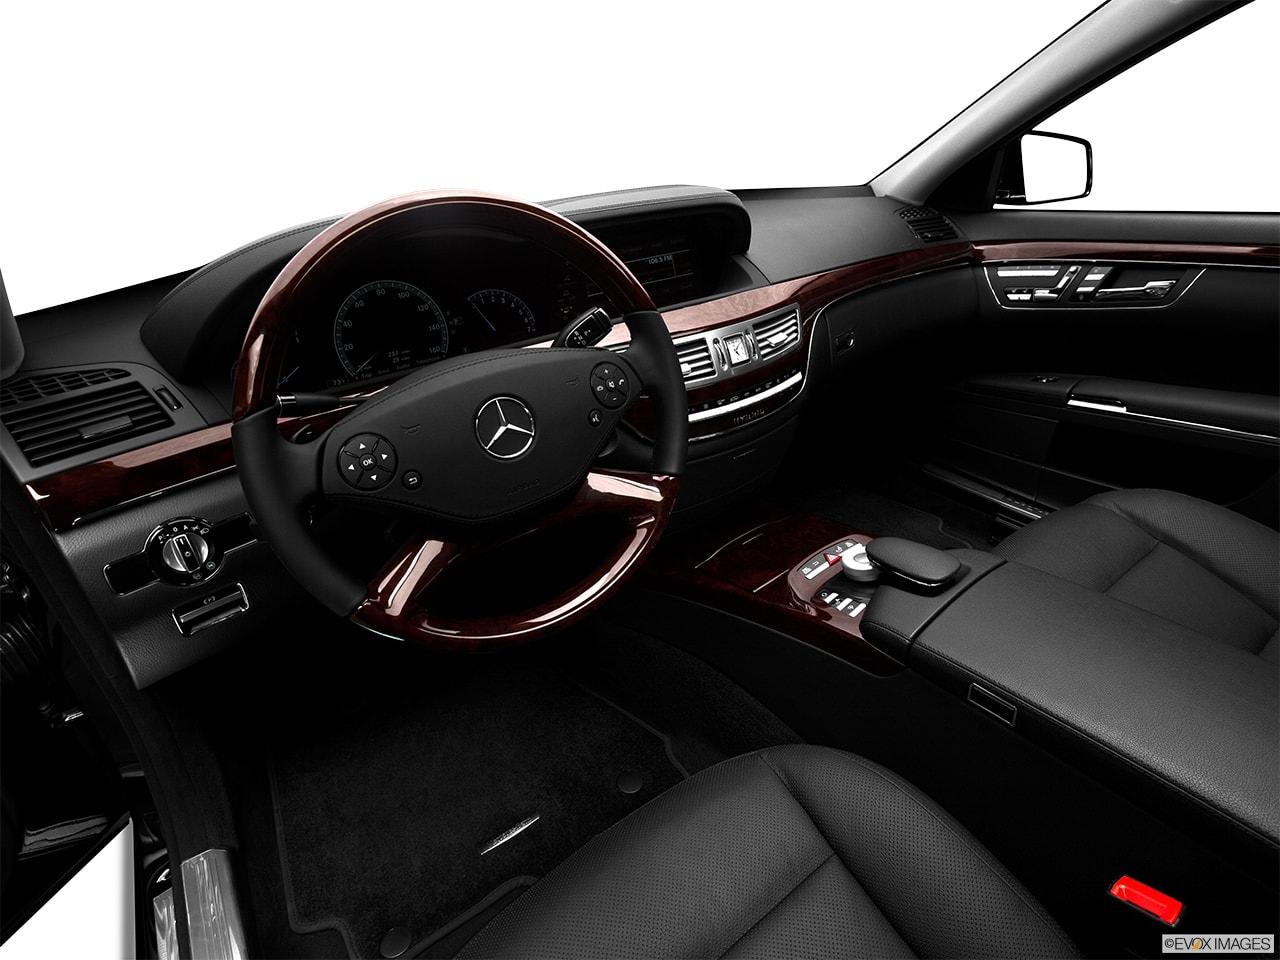 Mercedes Benz S400 Hybrid 2012 Interior